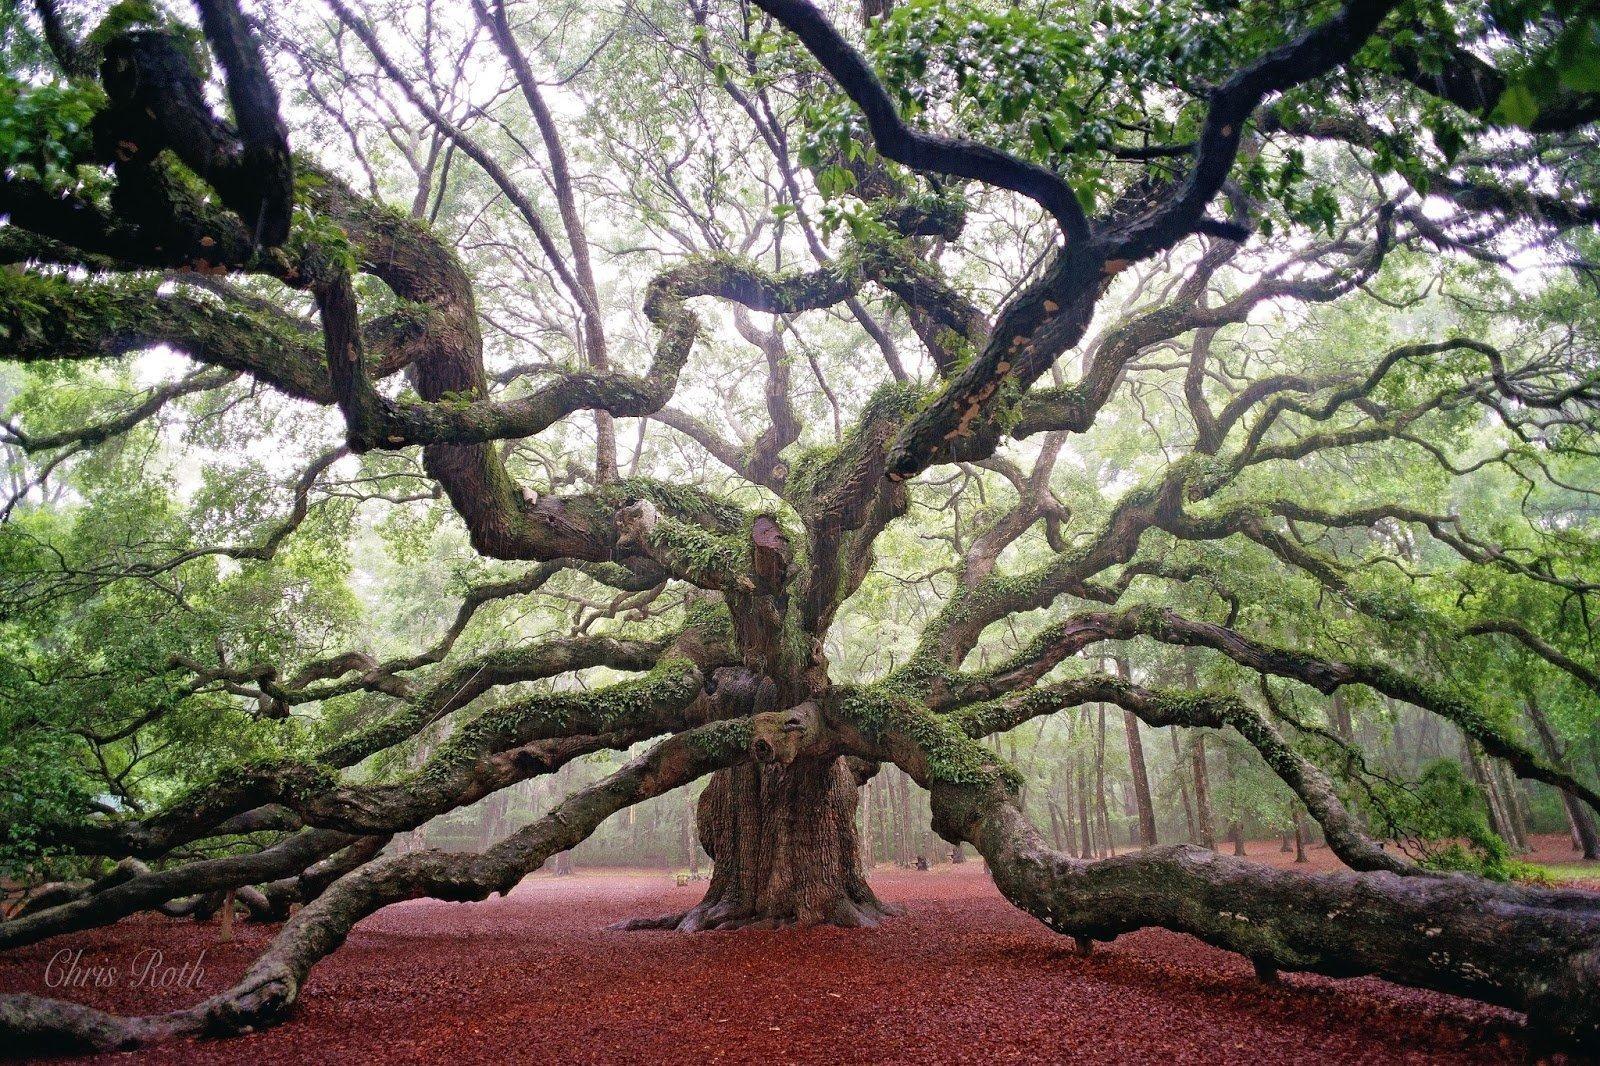 Дуб Ангела, Южная Каролина, США красивые места, мир, природа, путешествия, сказка